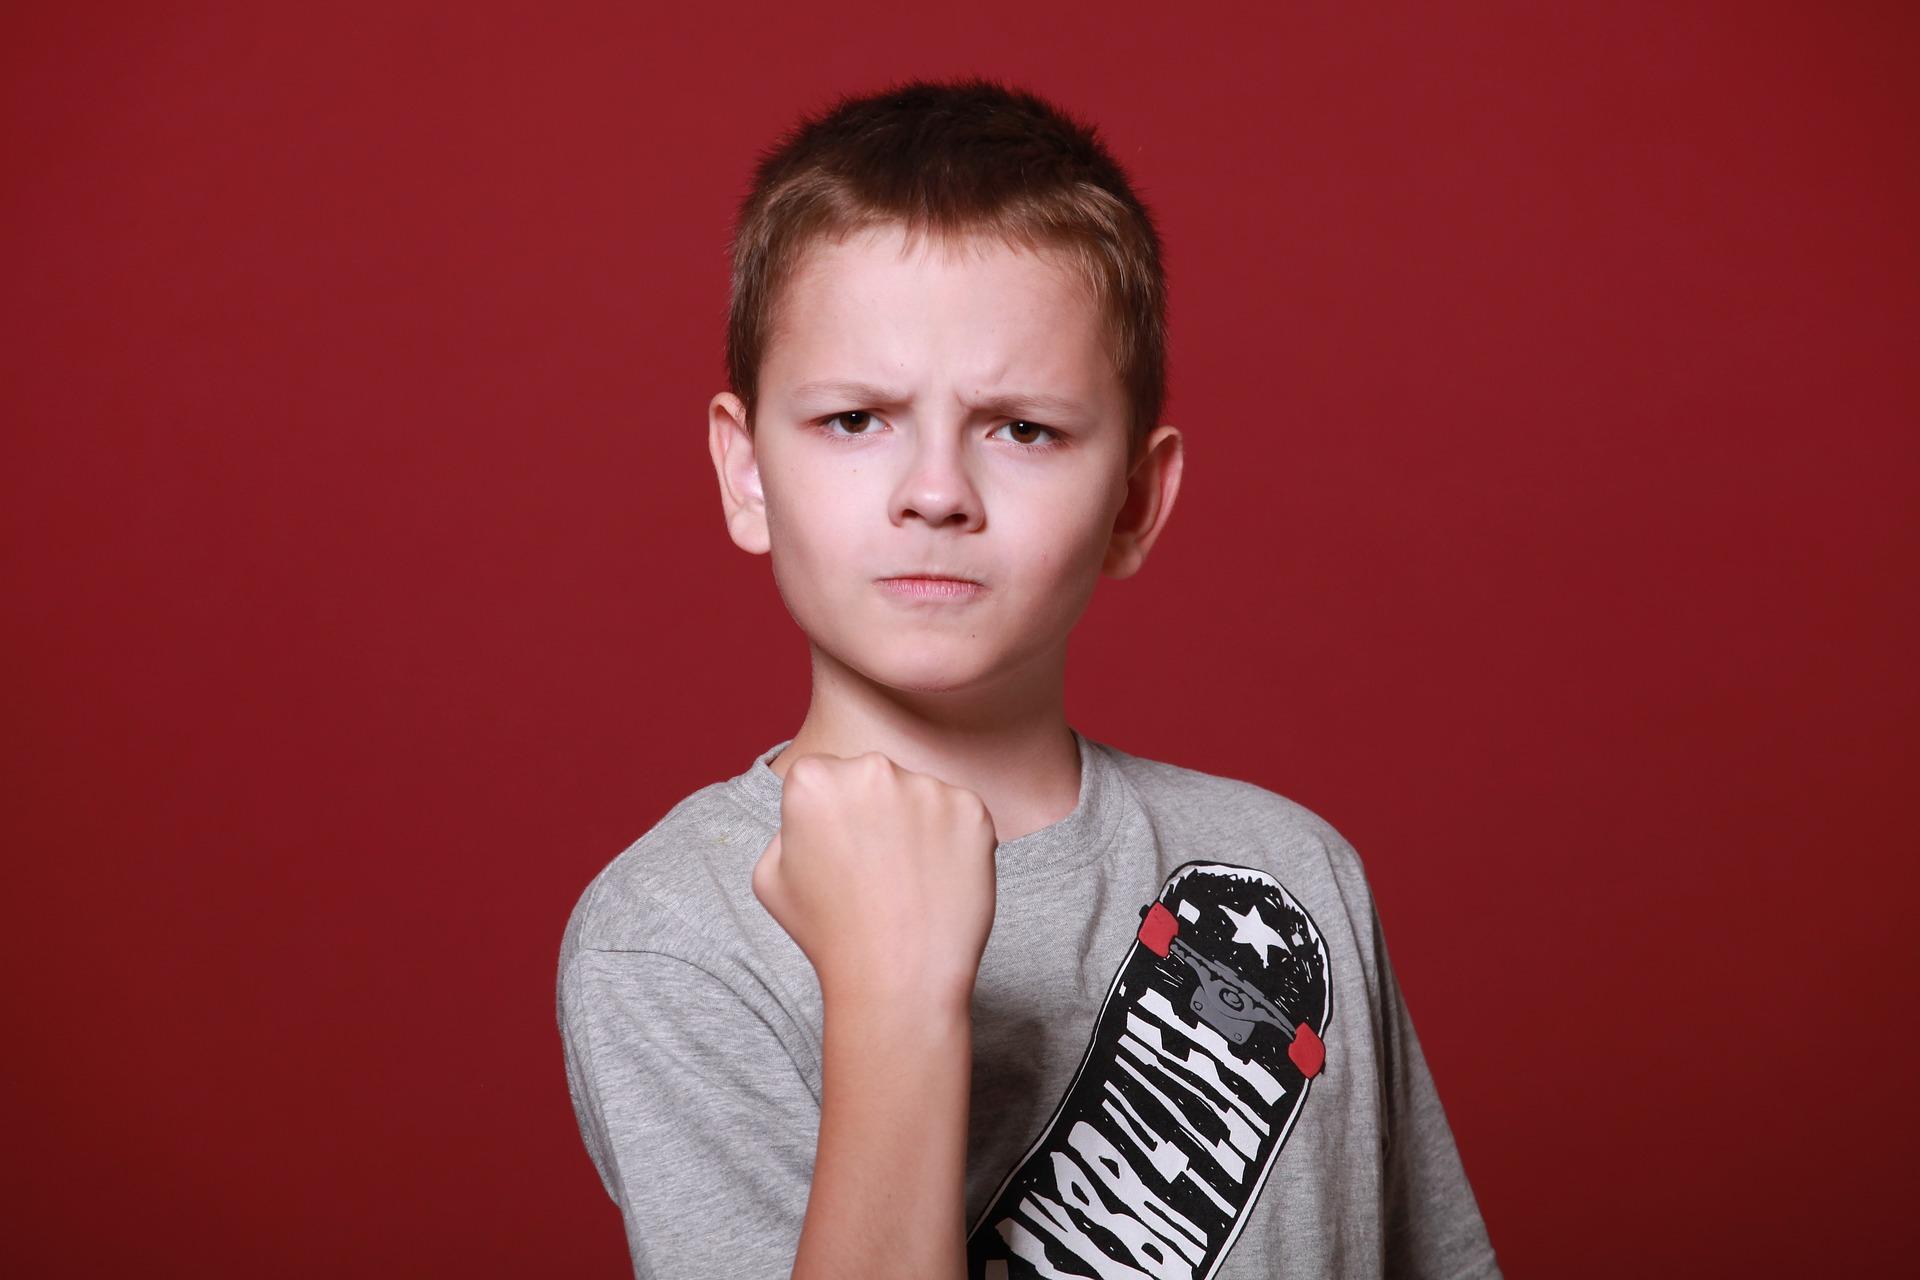 Læs mere om tvangsfjernet børns rettigheder og børns rettigheder ved tvangsanbringelse her